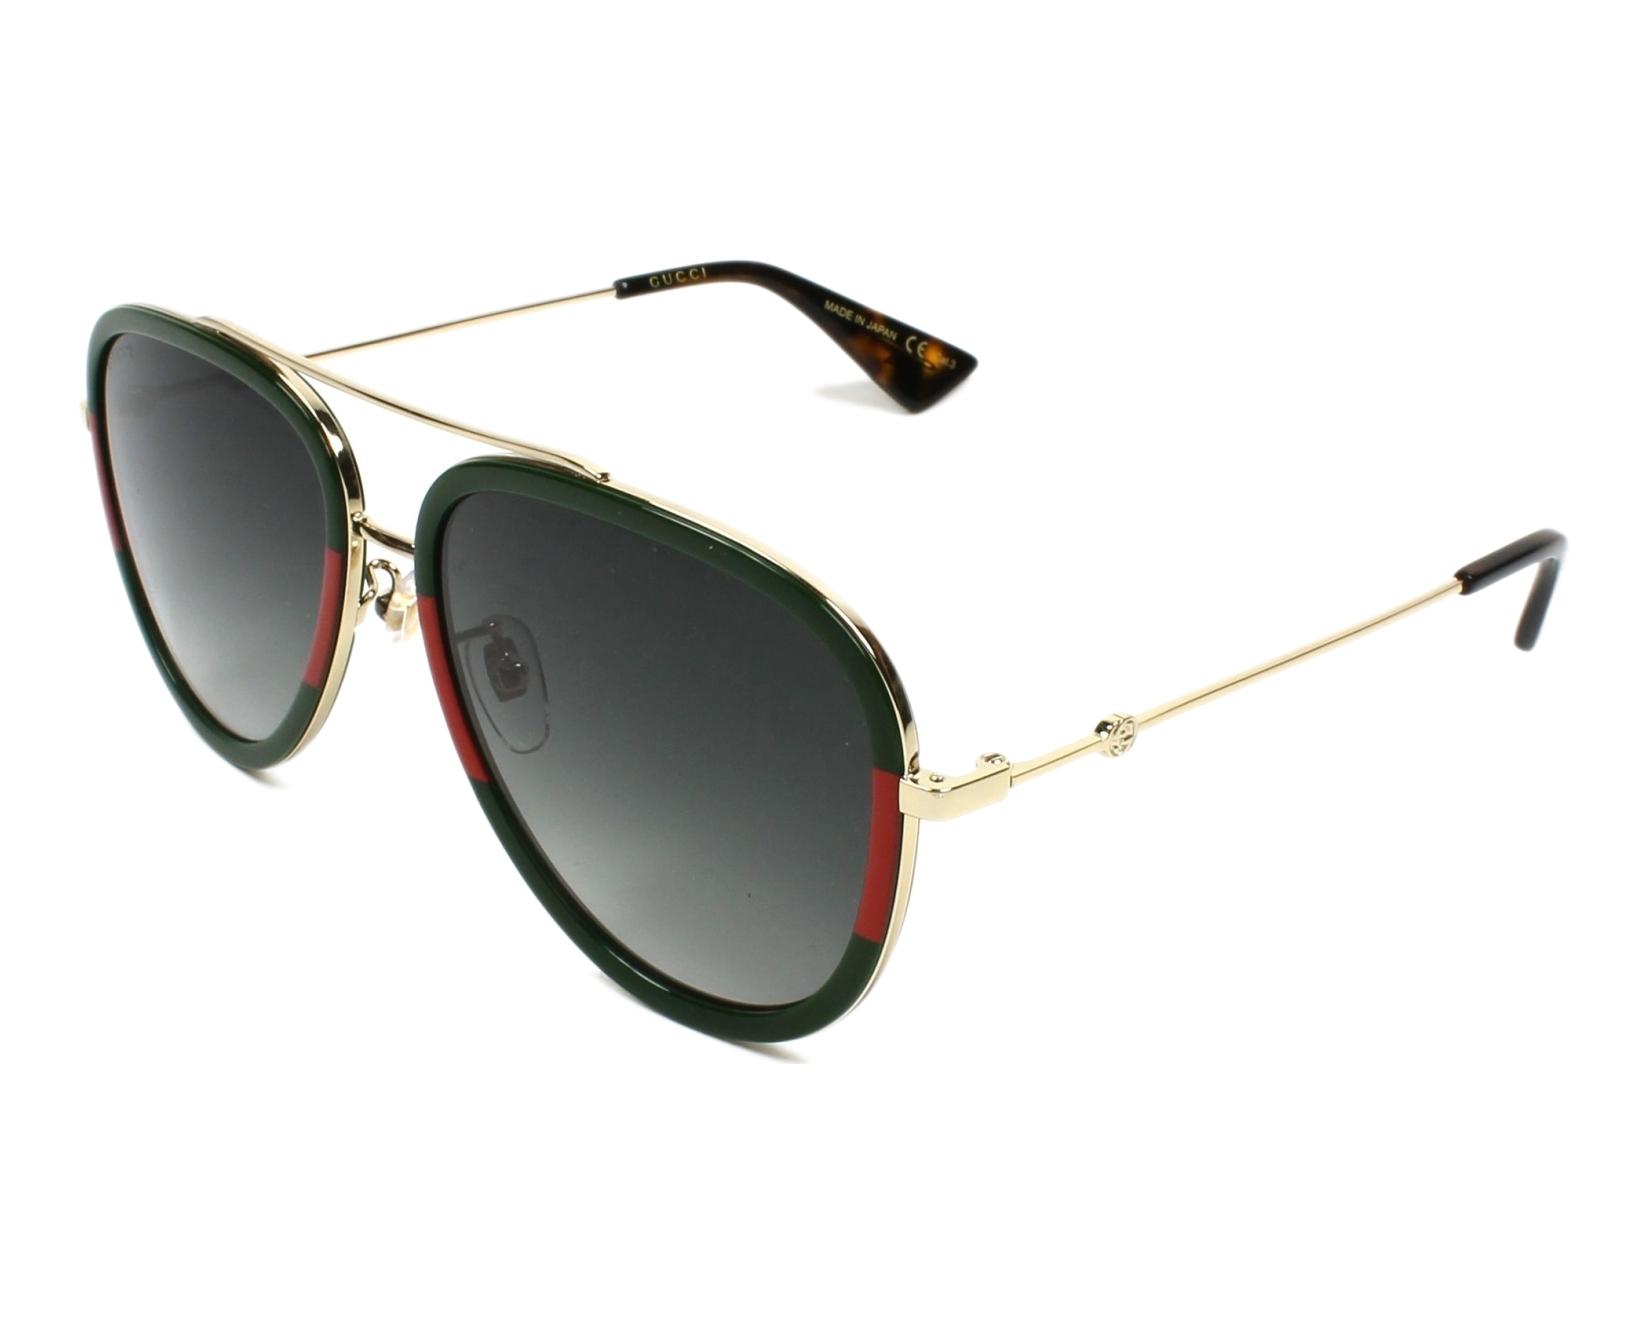 327271df35 Lunettes de soleil Gucci GG-0062-S 003 57-17 Or Vert vue